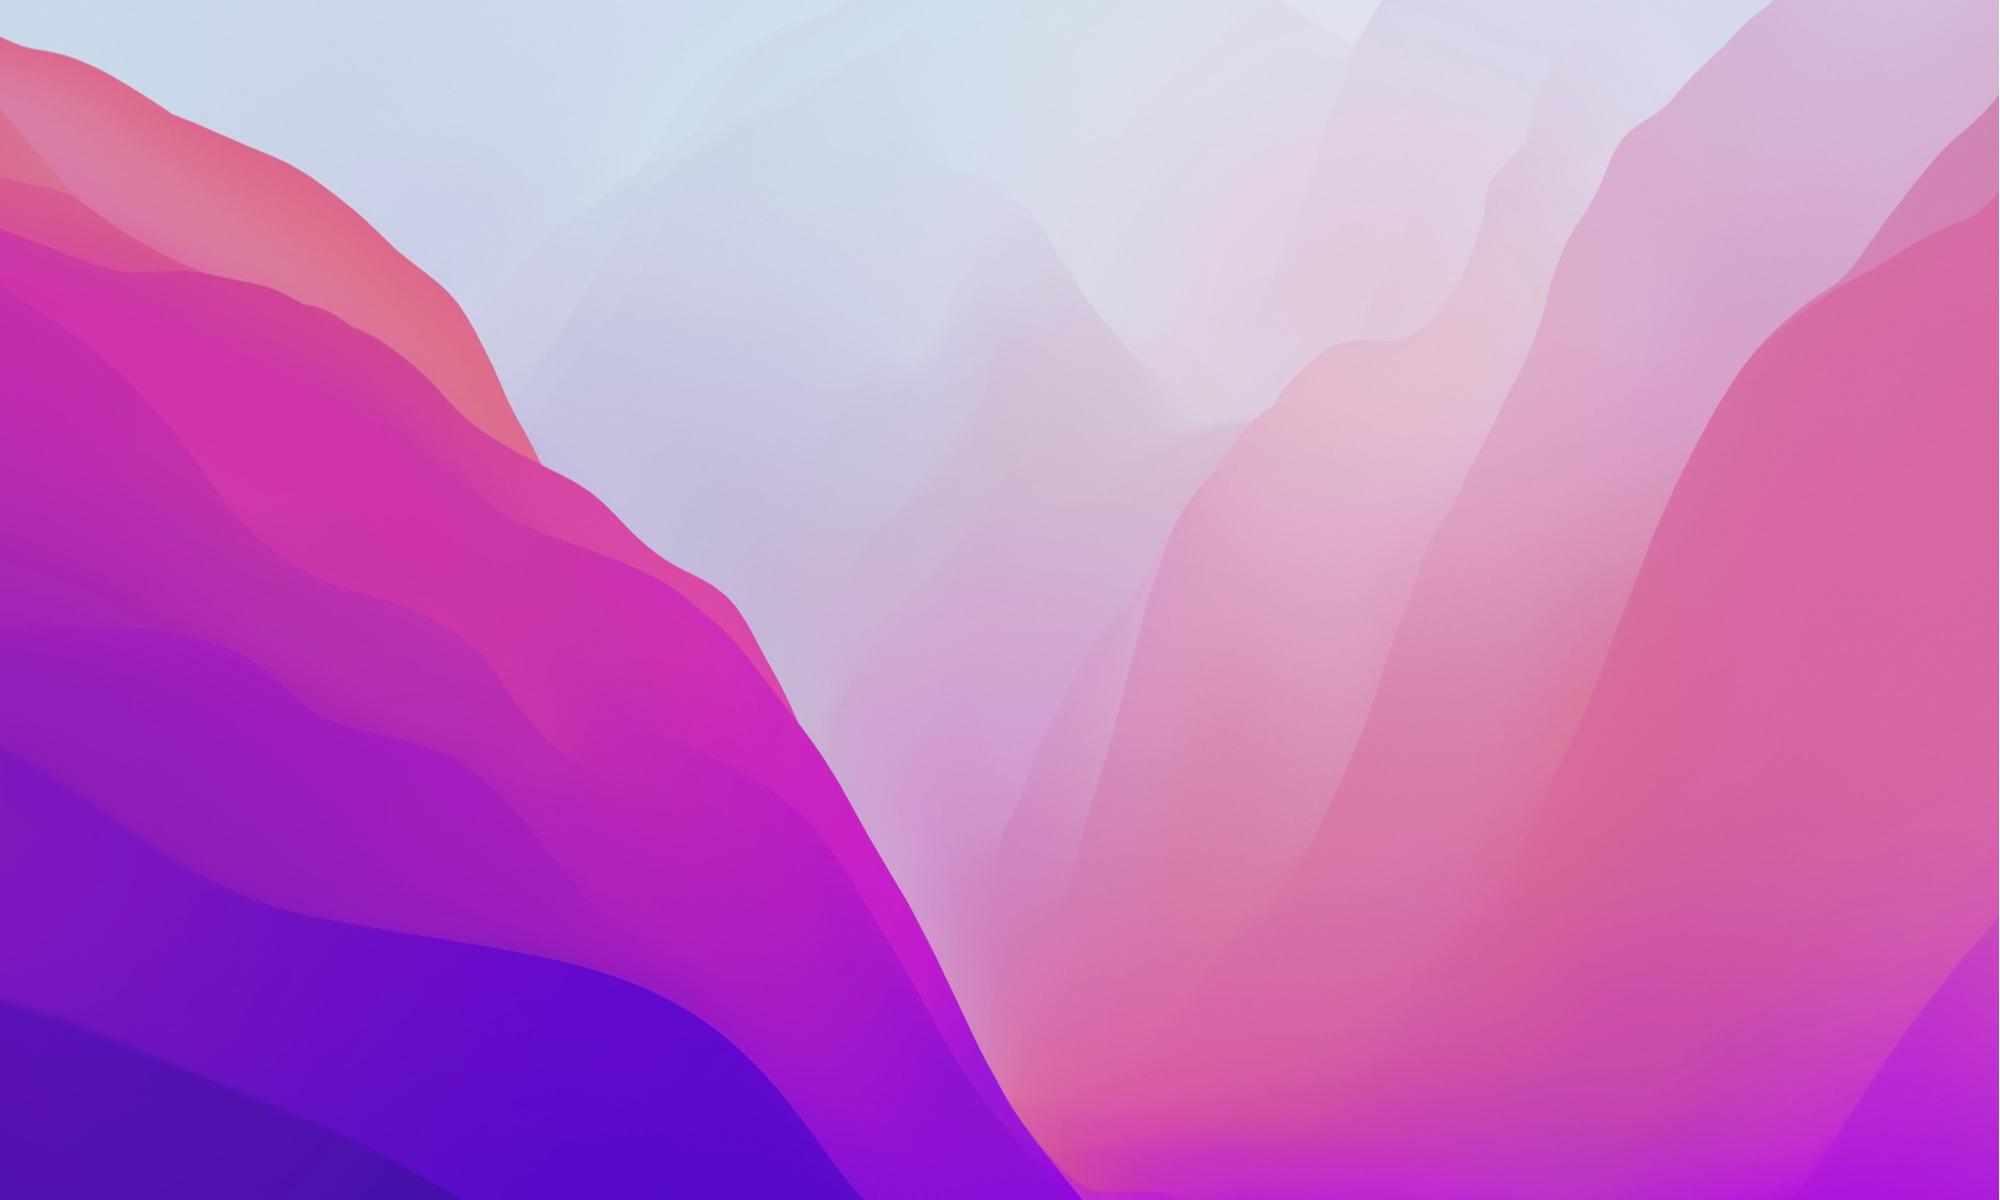 Pobierz tapety z iOS/iPad OS 15 oraz macOS Monterey i nowe ...